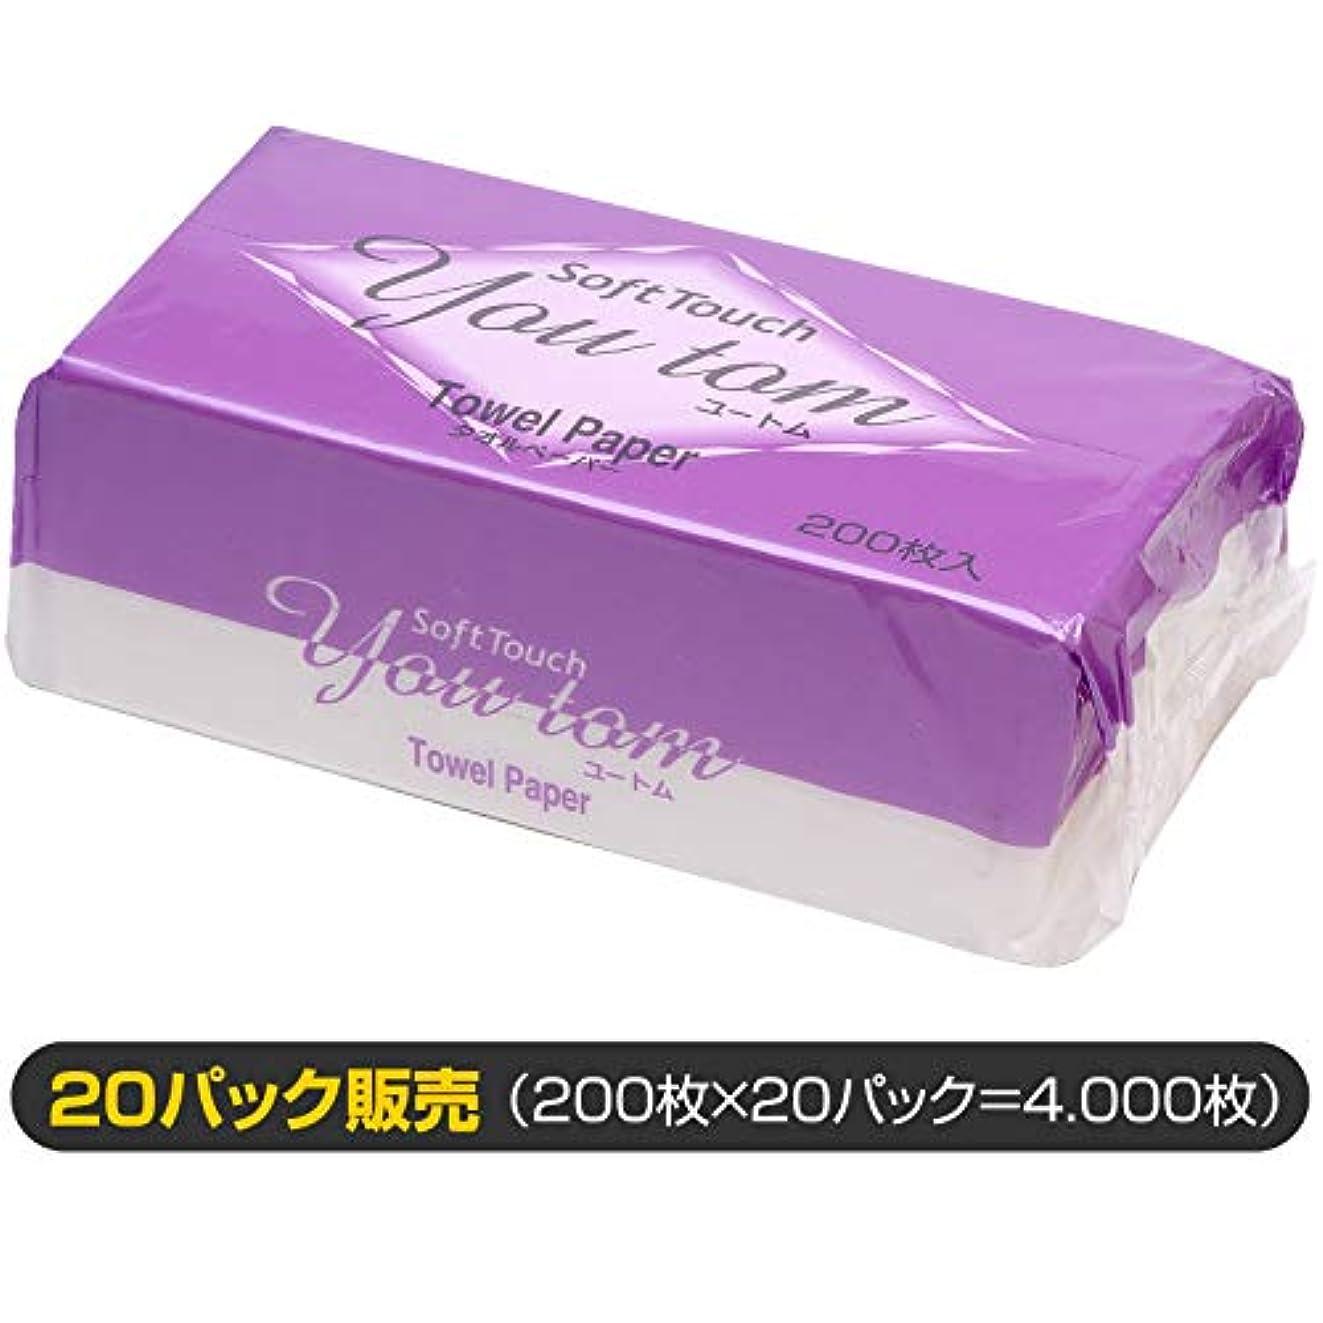 天皇革新美しいペーパータオル ユートム/20パック販売(清潔キレイ館/レギュラーサイズ用)